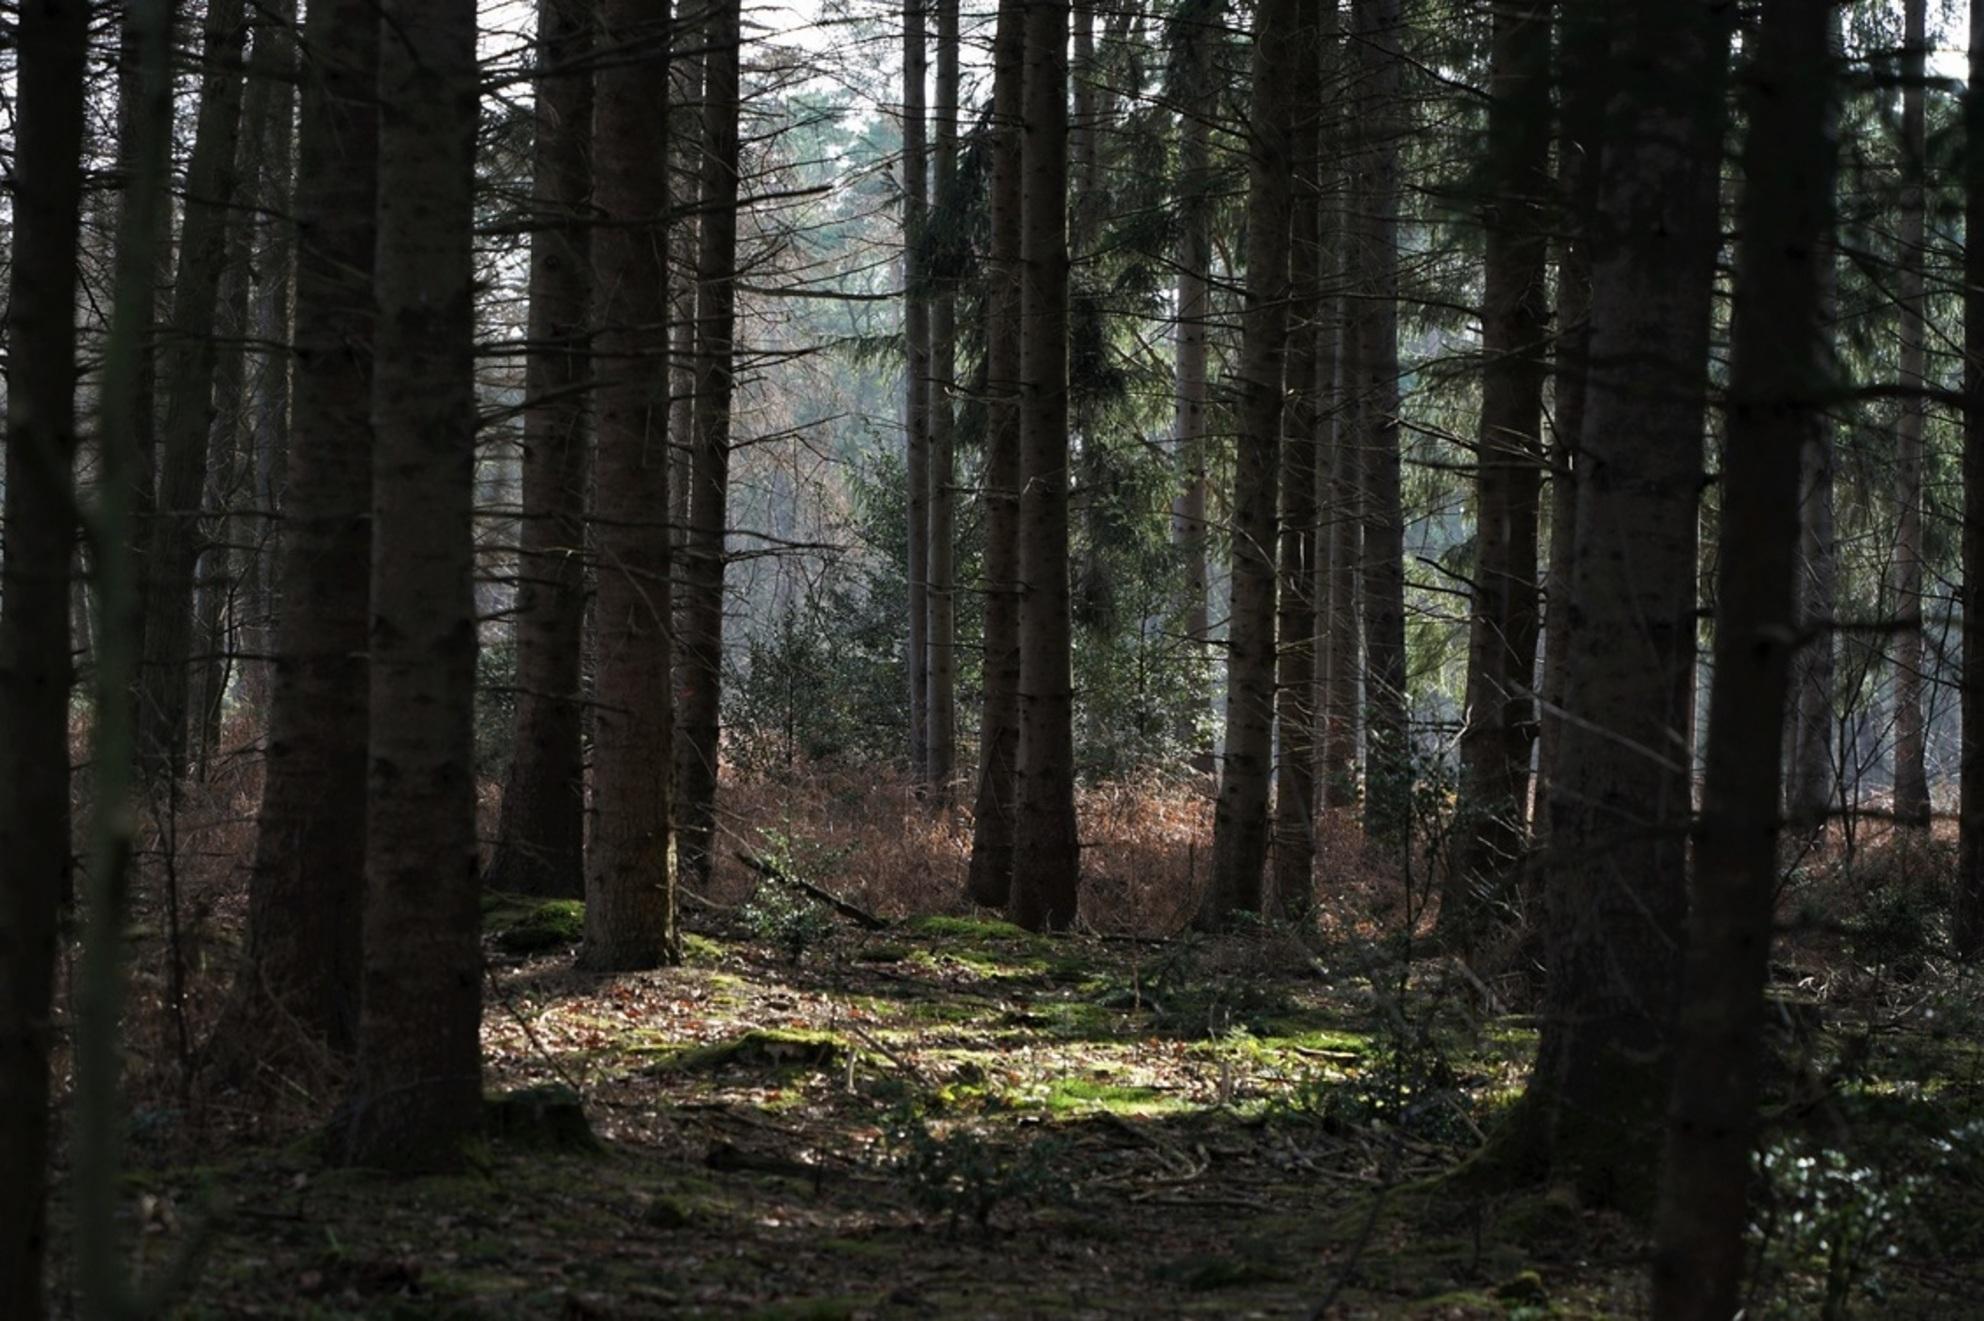 bomen - lichtplek in het bos.... - foto door jh- op 03-03-2021 - deze foto bevat: winter, landschap, schaduw, bos, bomen